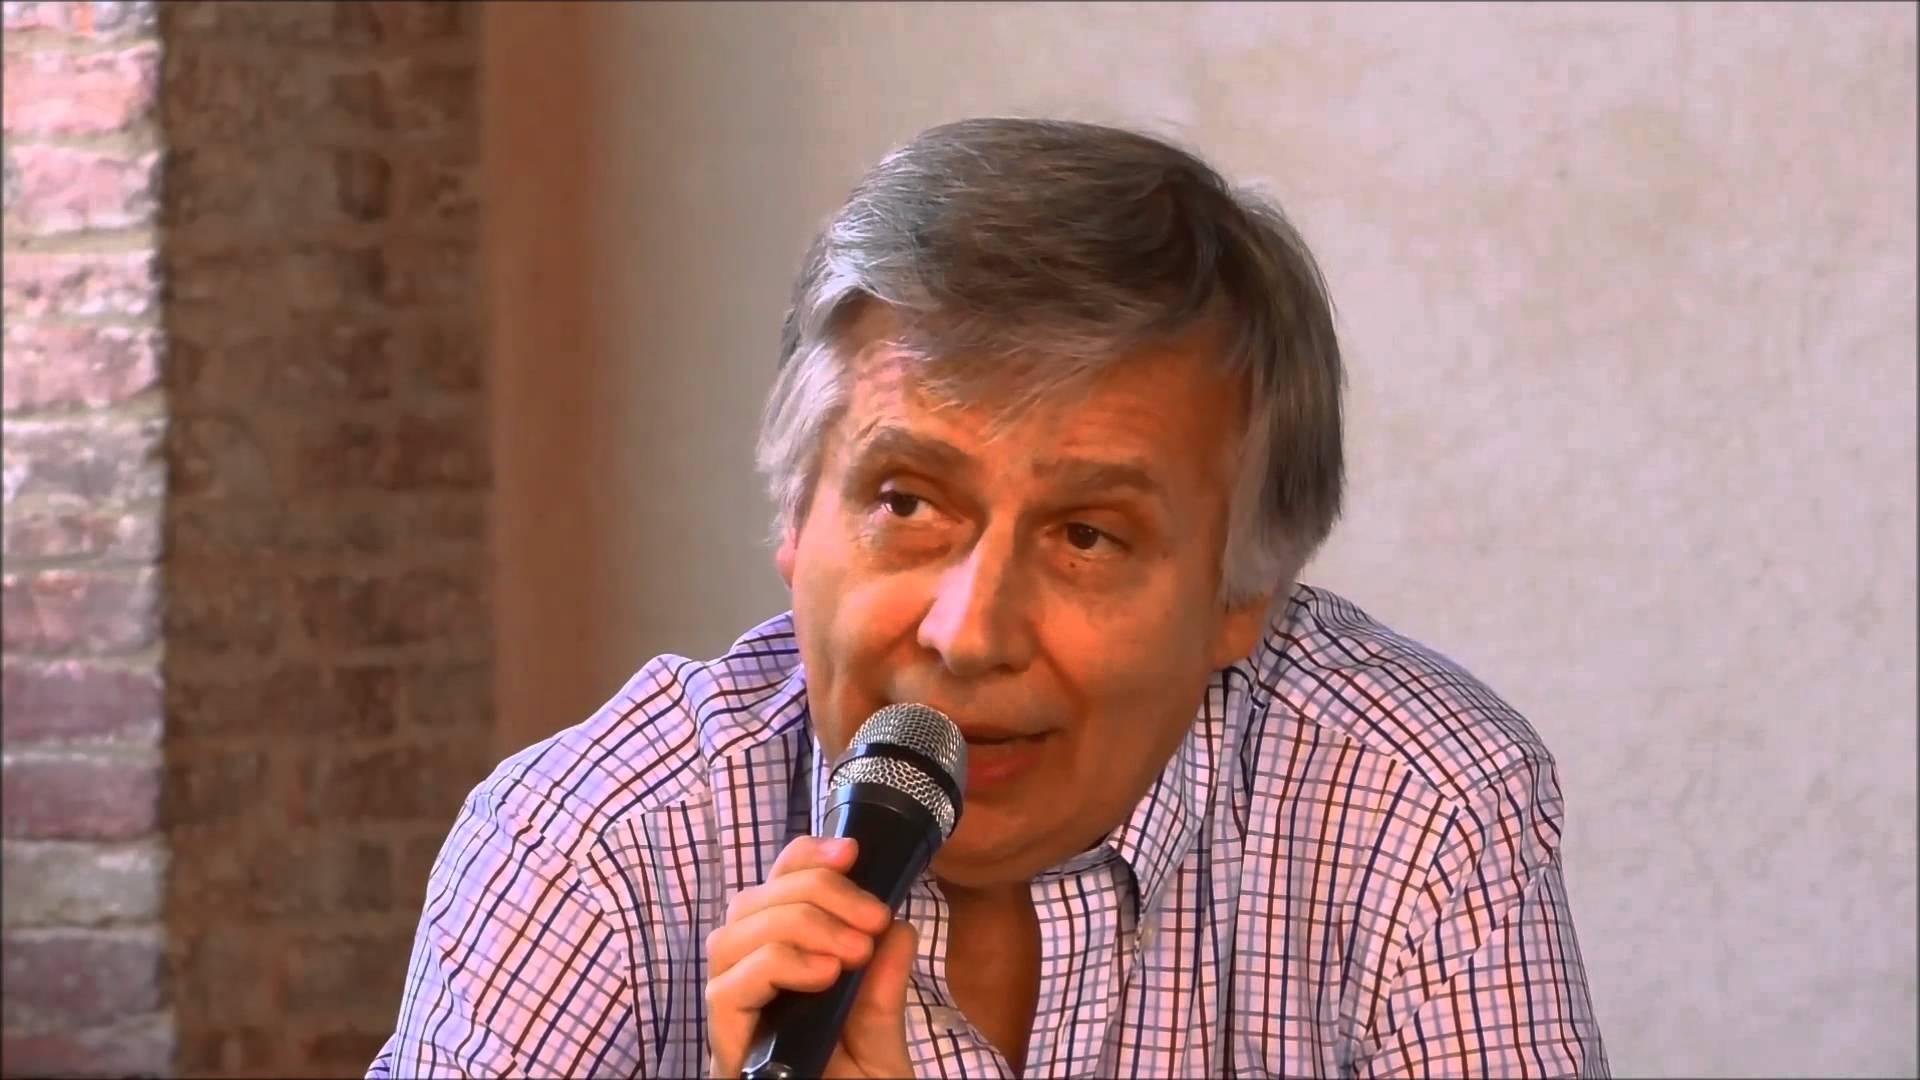 Giancarlo Pontiggia a Civitanova Marche